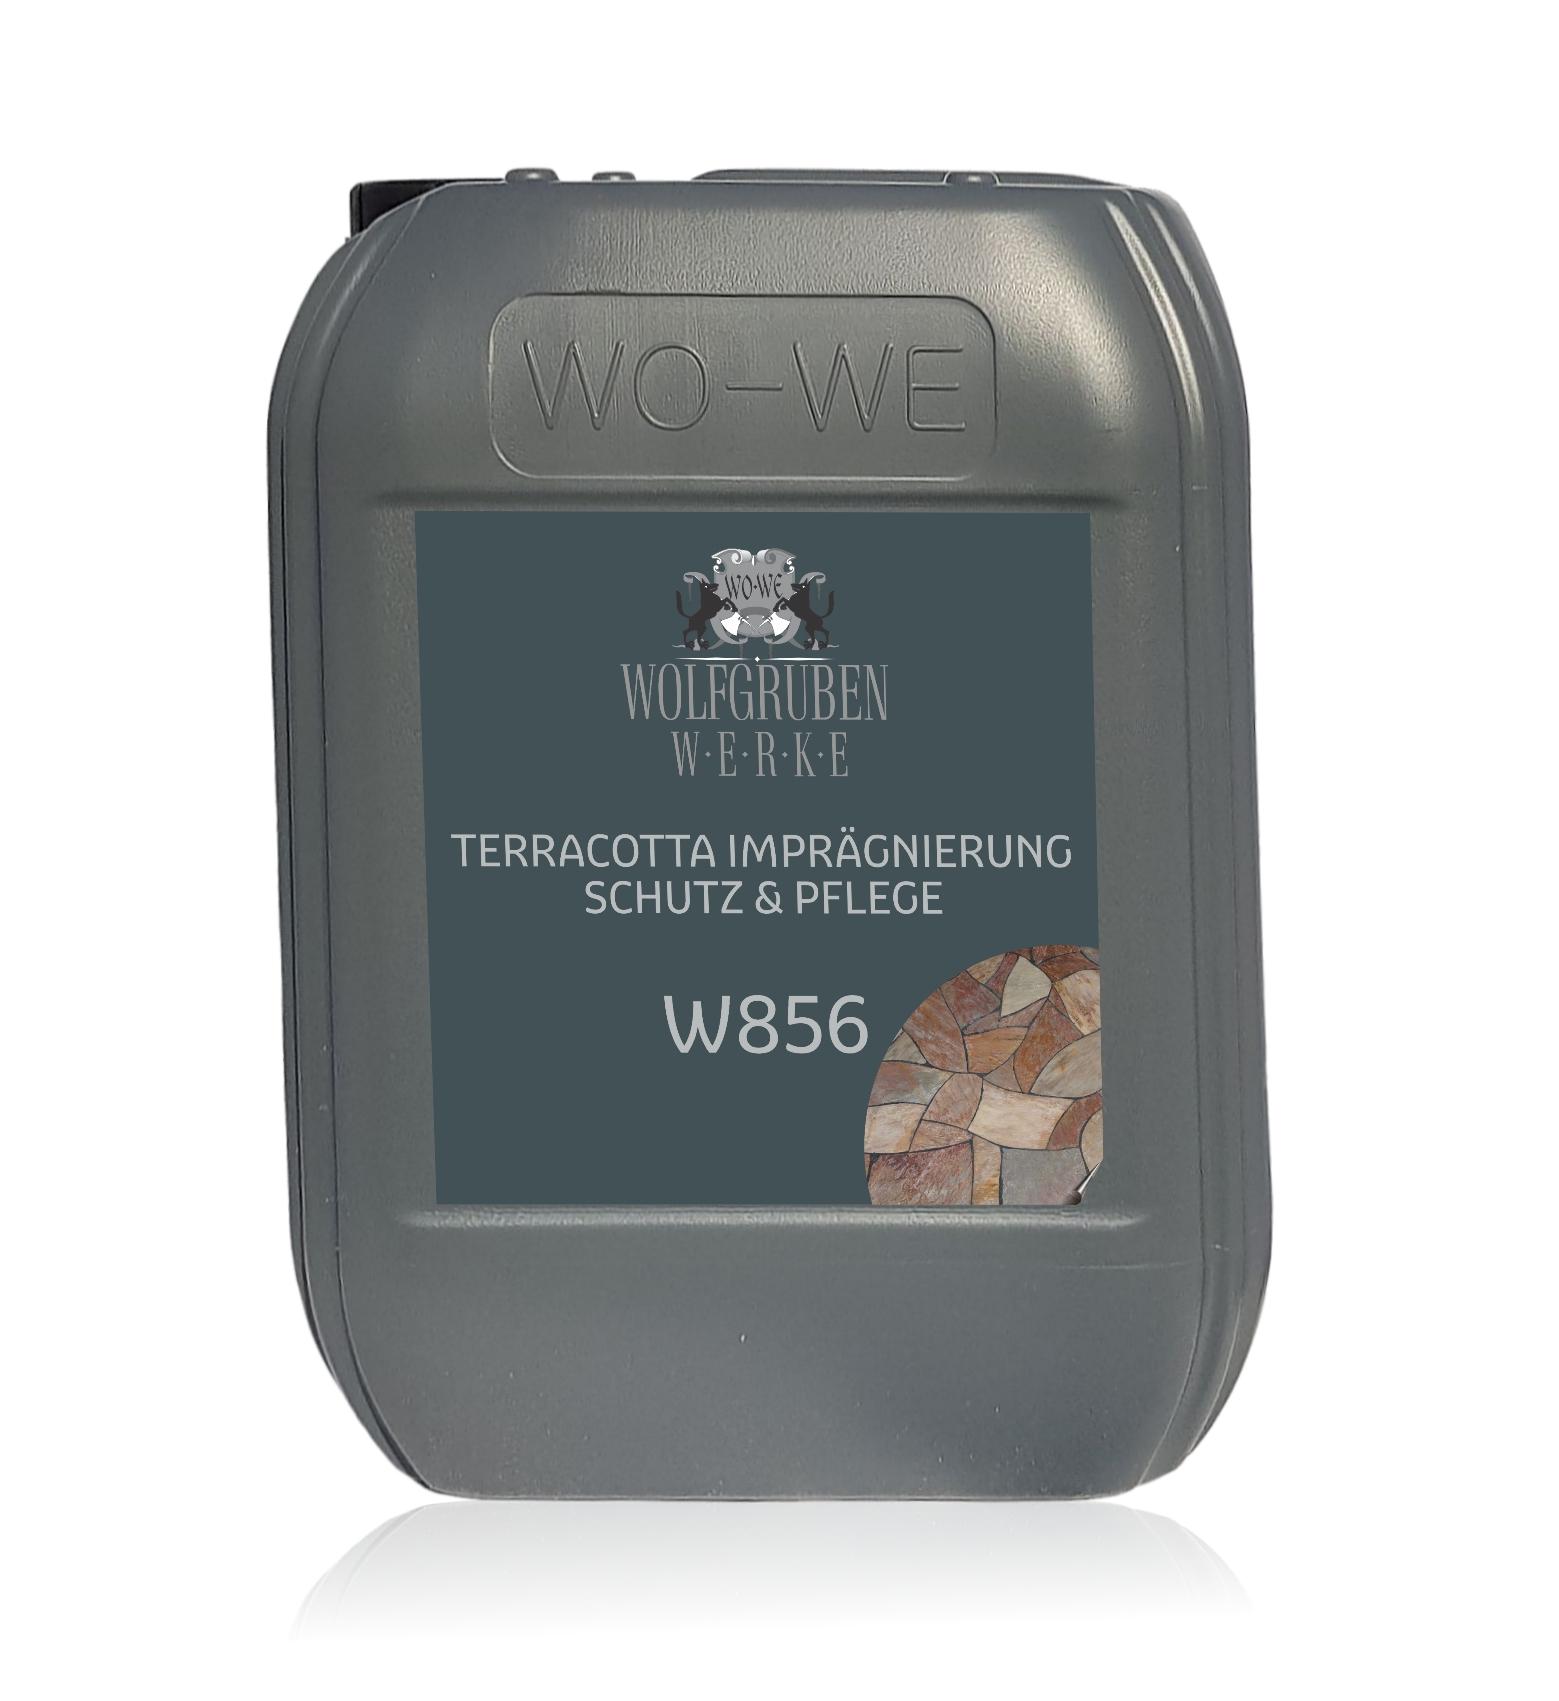 W856.jpg?dl=0